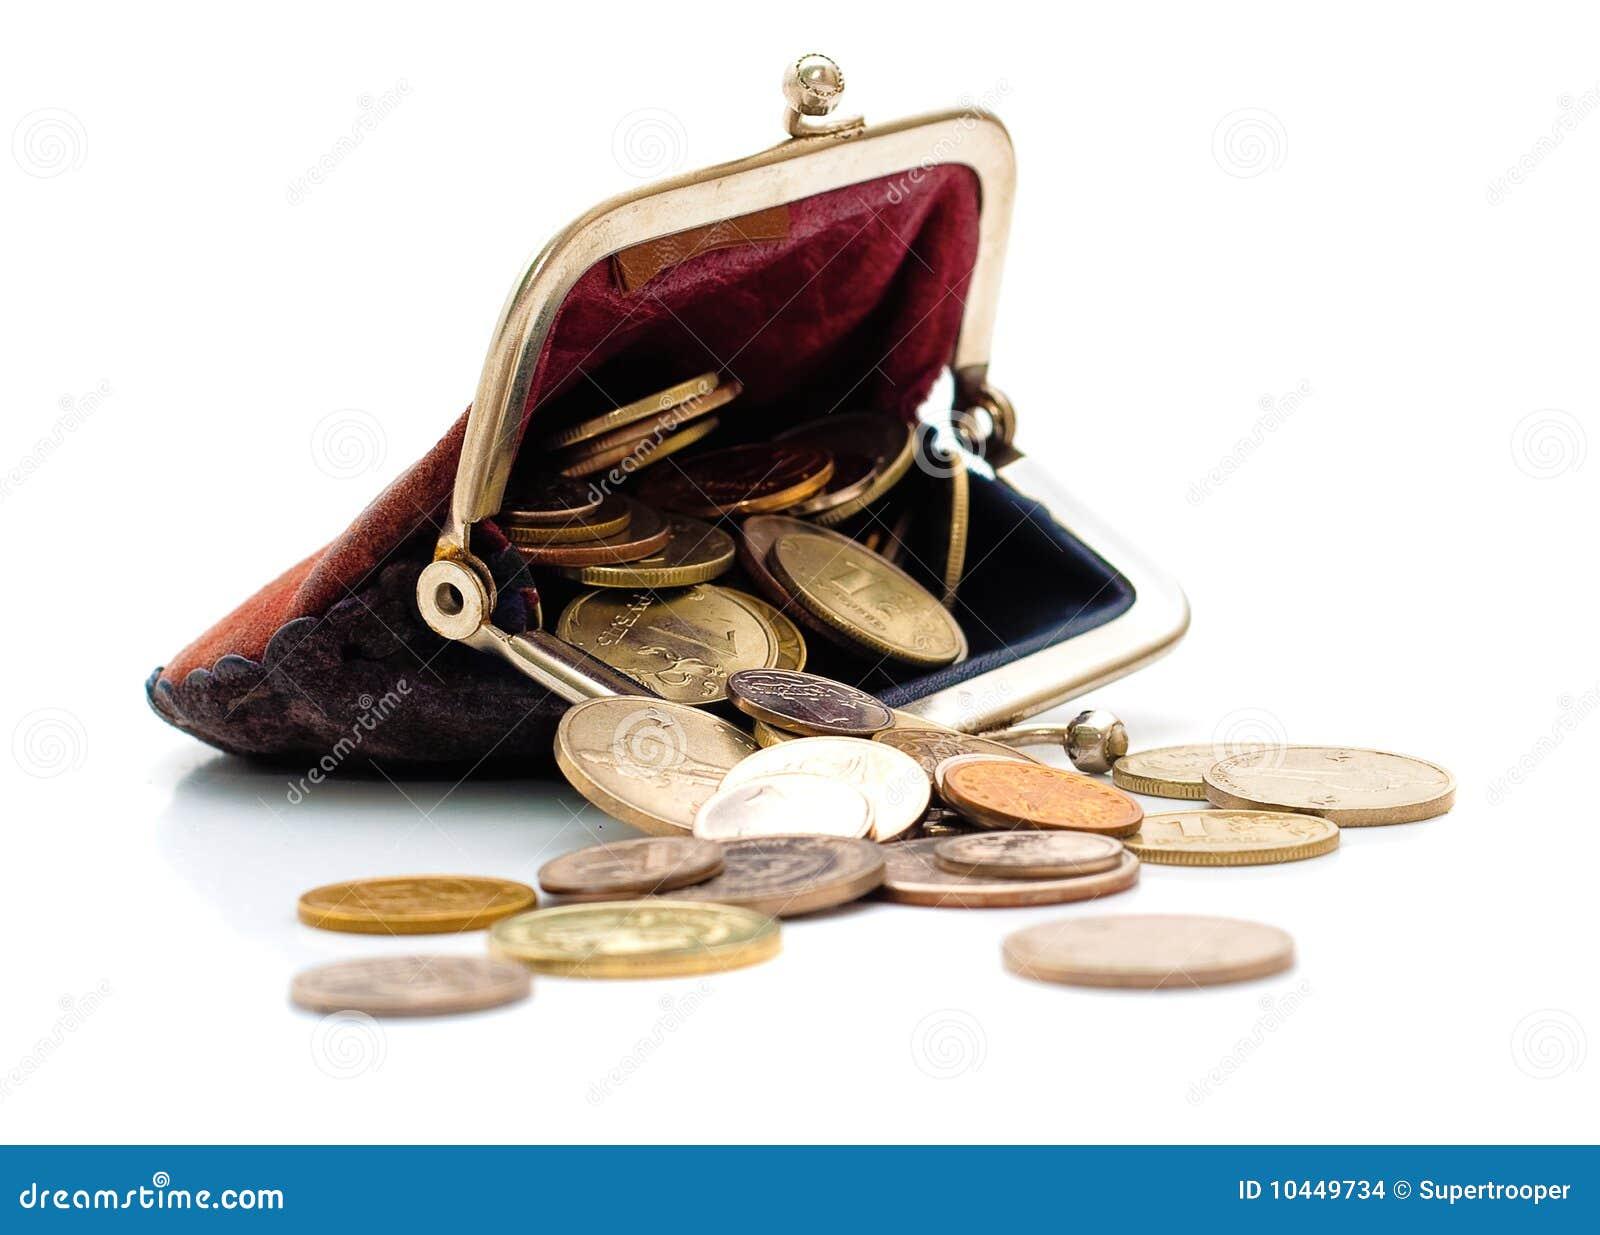 comprando ahora mas bajo precio el precio más baratas Monedero Y Monedas Aislados Foto de archivo - Imagen de ...